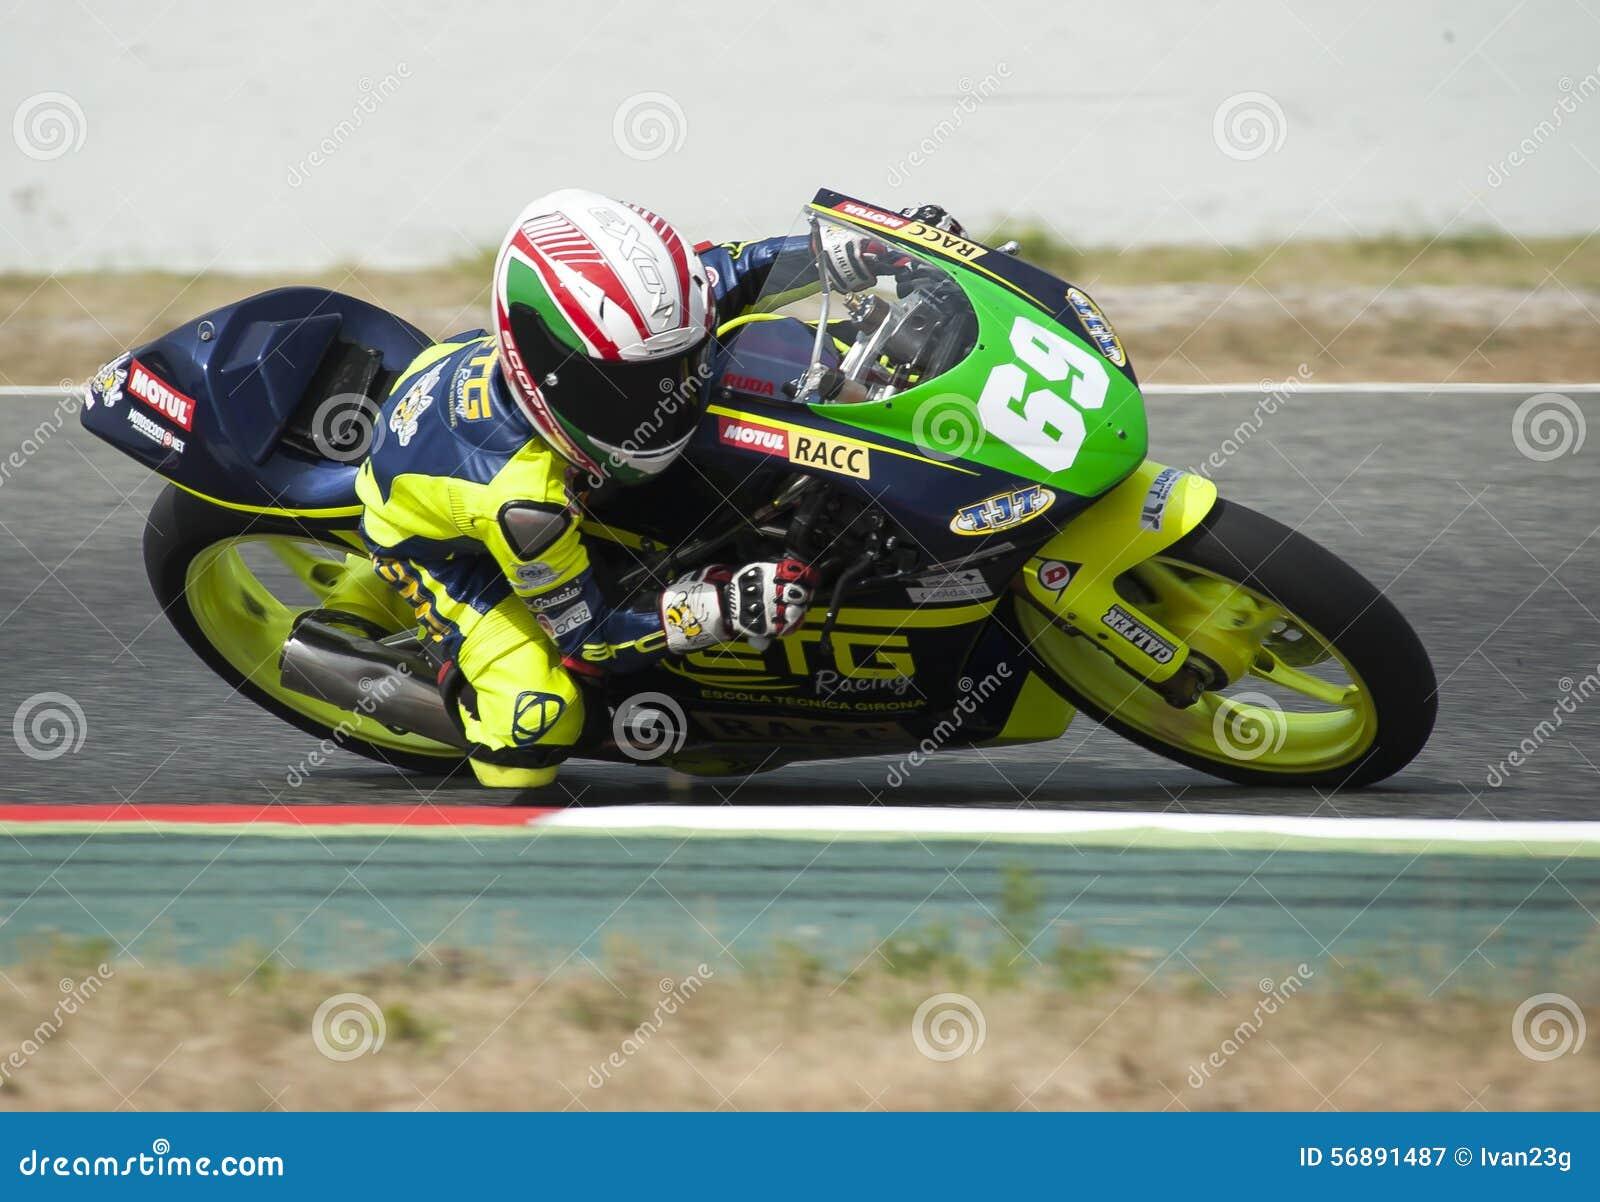 Catalan championship of motorcycling marcos ruda - Marcos catalan ...